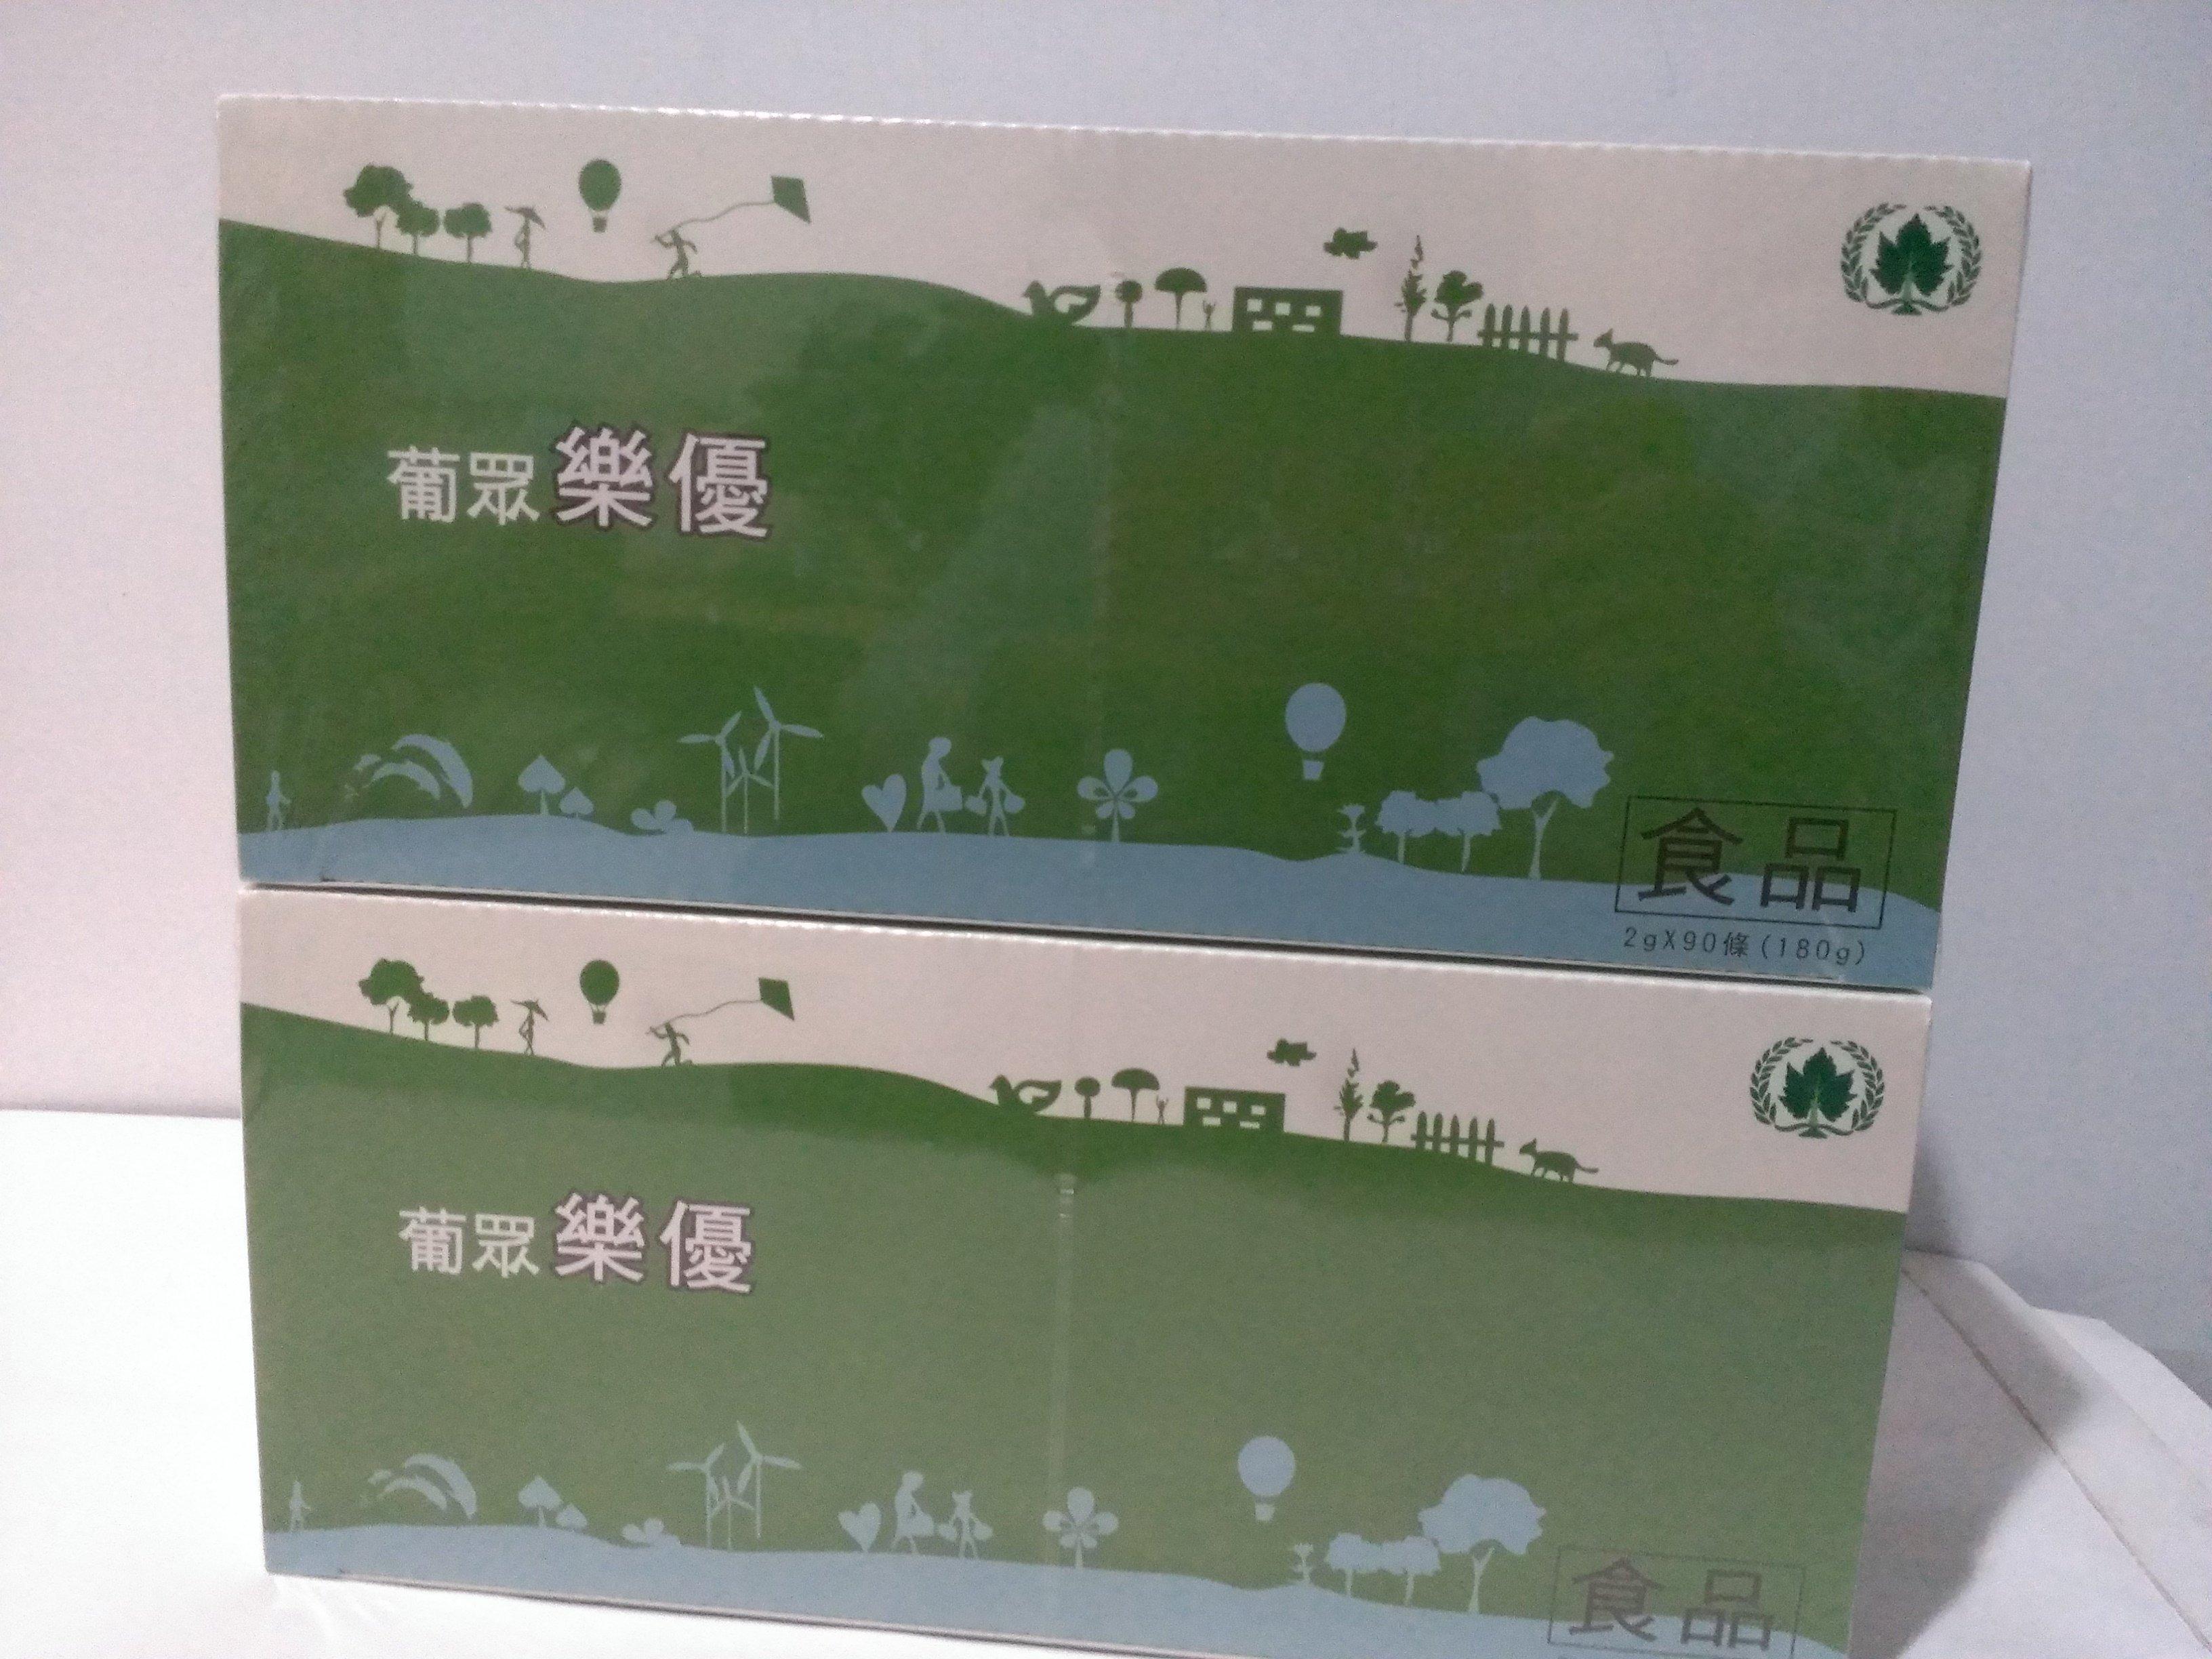 葡眾新產品上市~  樂優益生菌(乳酸菌)顆粒~ 1650元/盒(90包入)~另康貝兒優惠特賣中